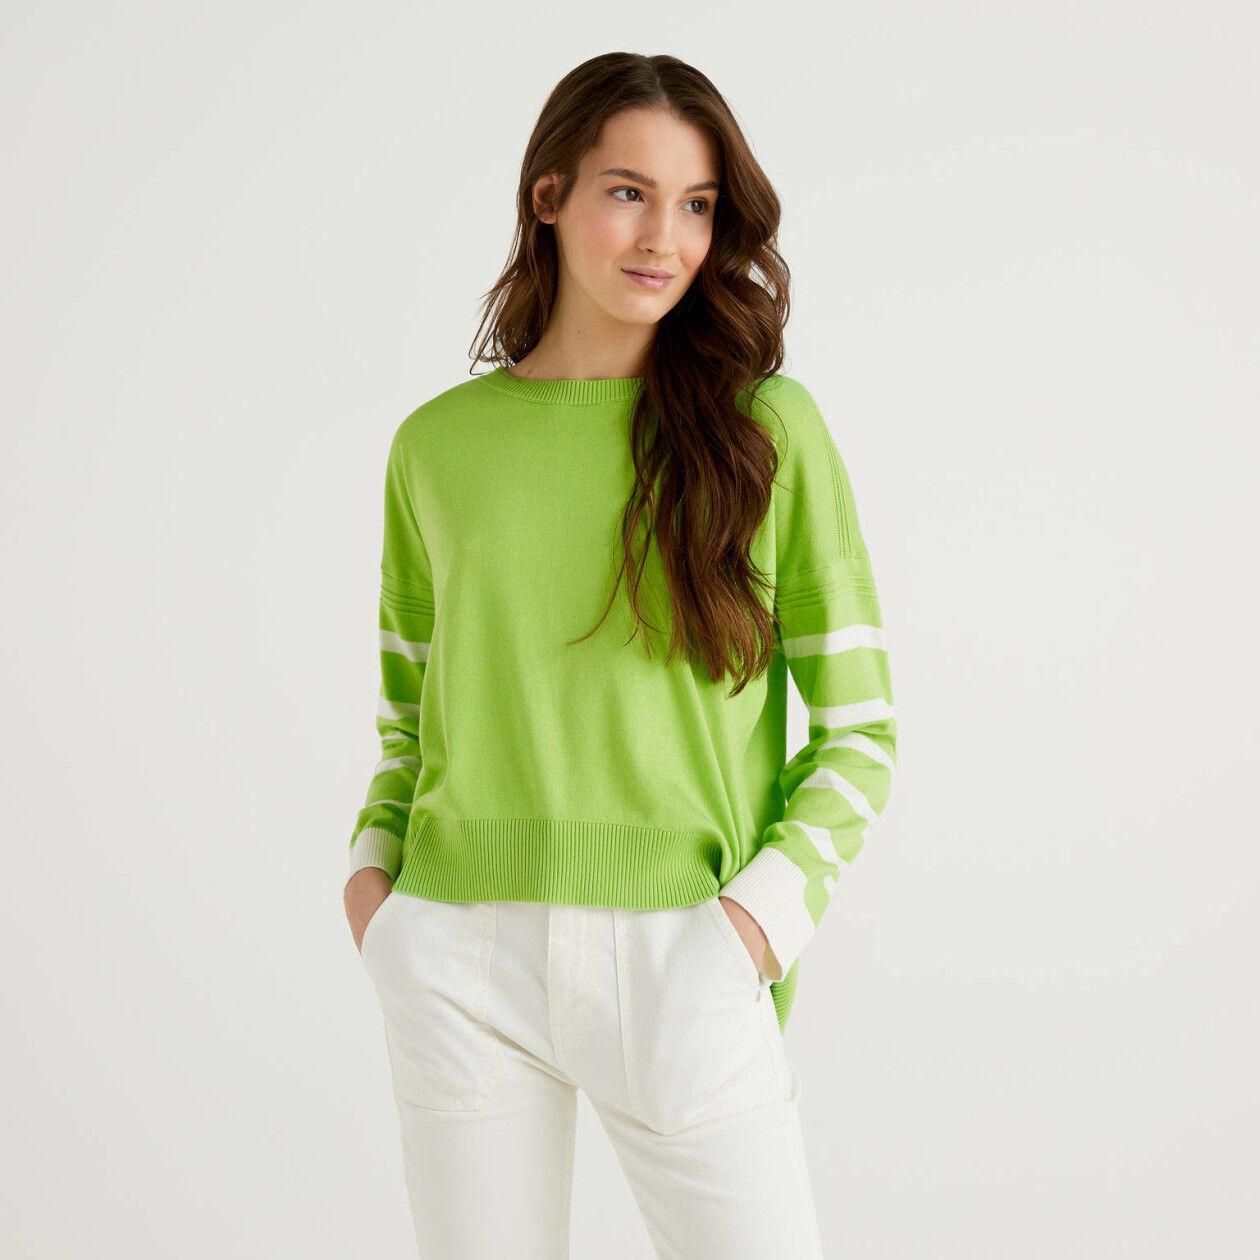 Μπλούζα ανοιχτό πράσινο με σκίσιμο στο πίσω μέρος